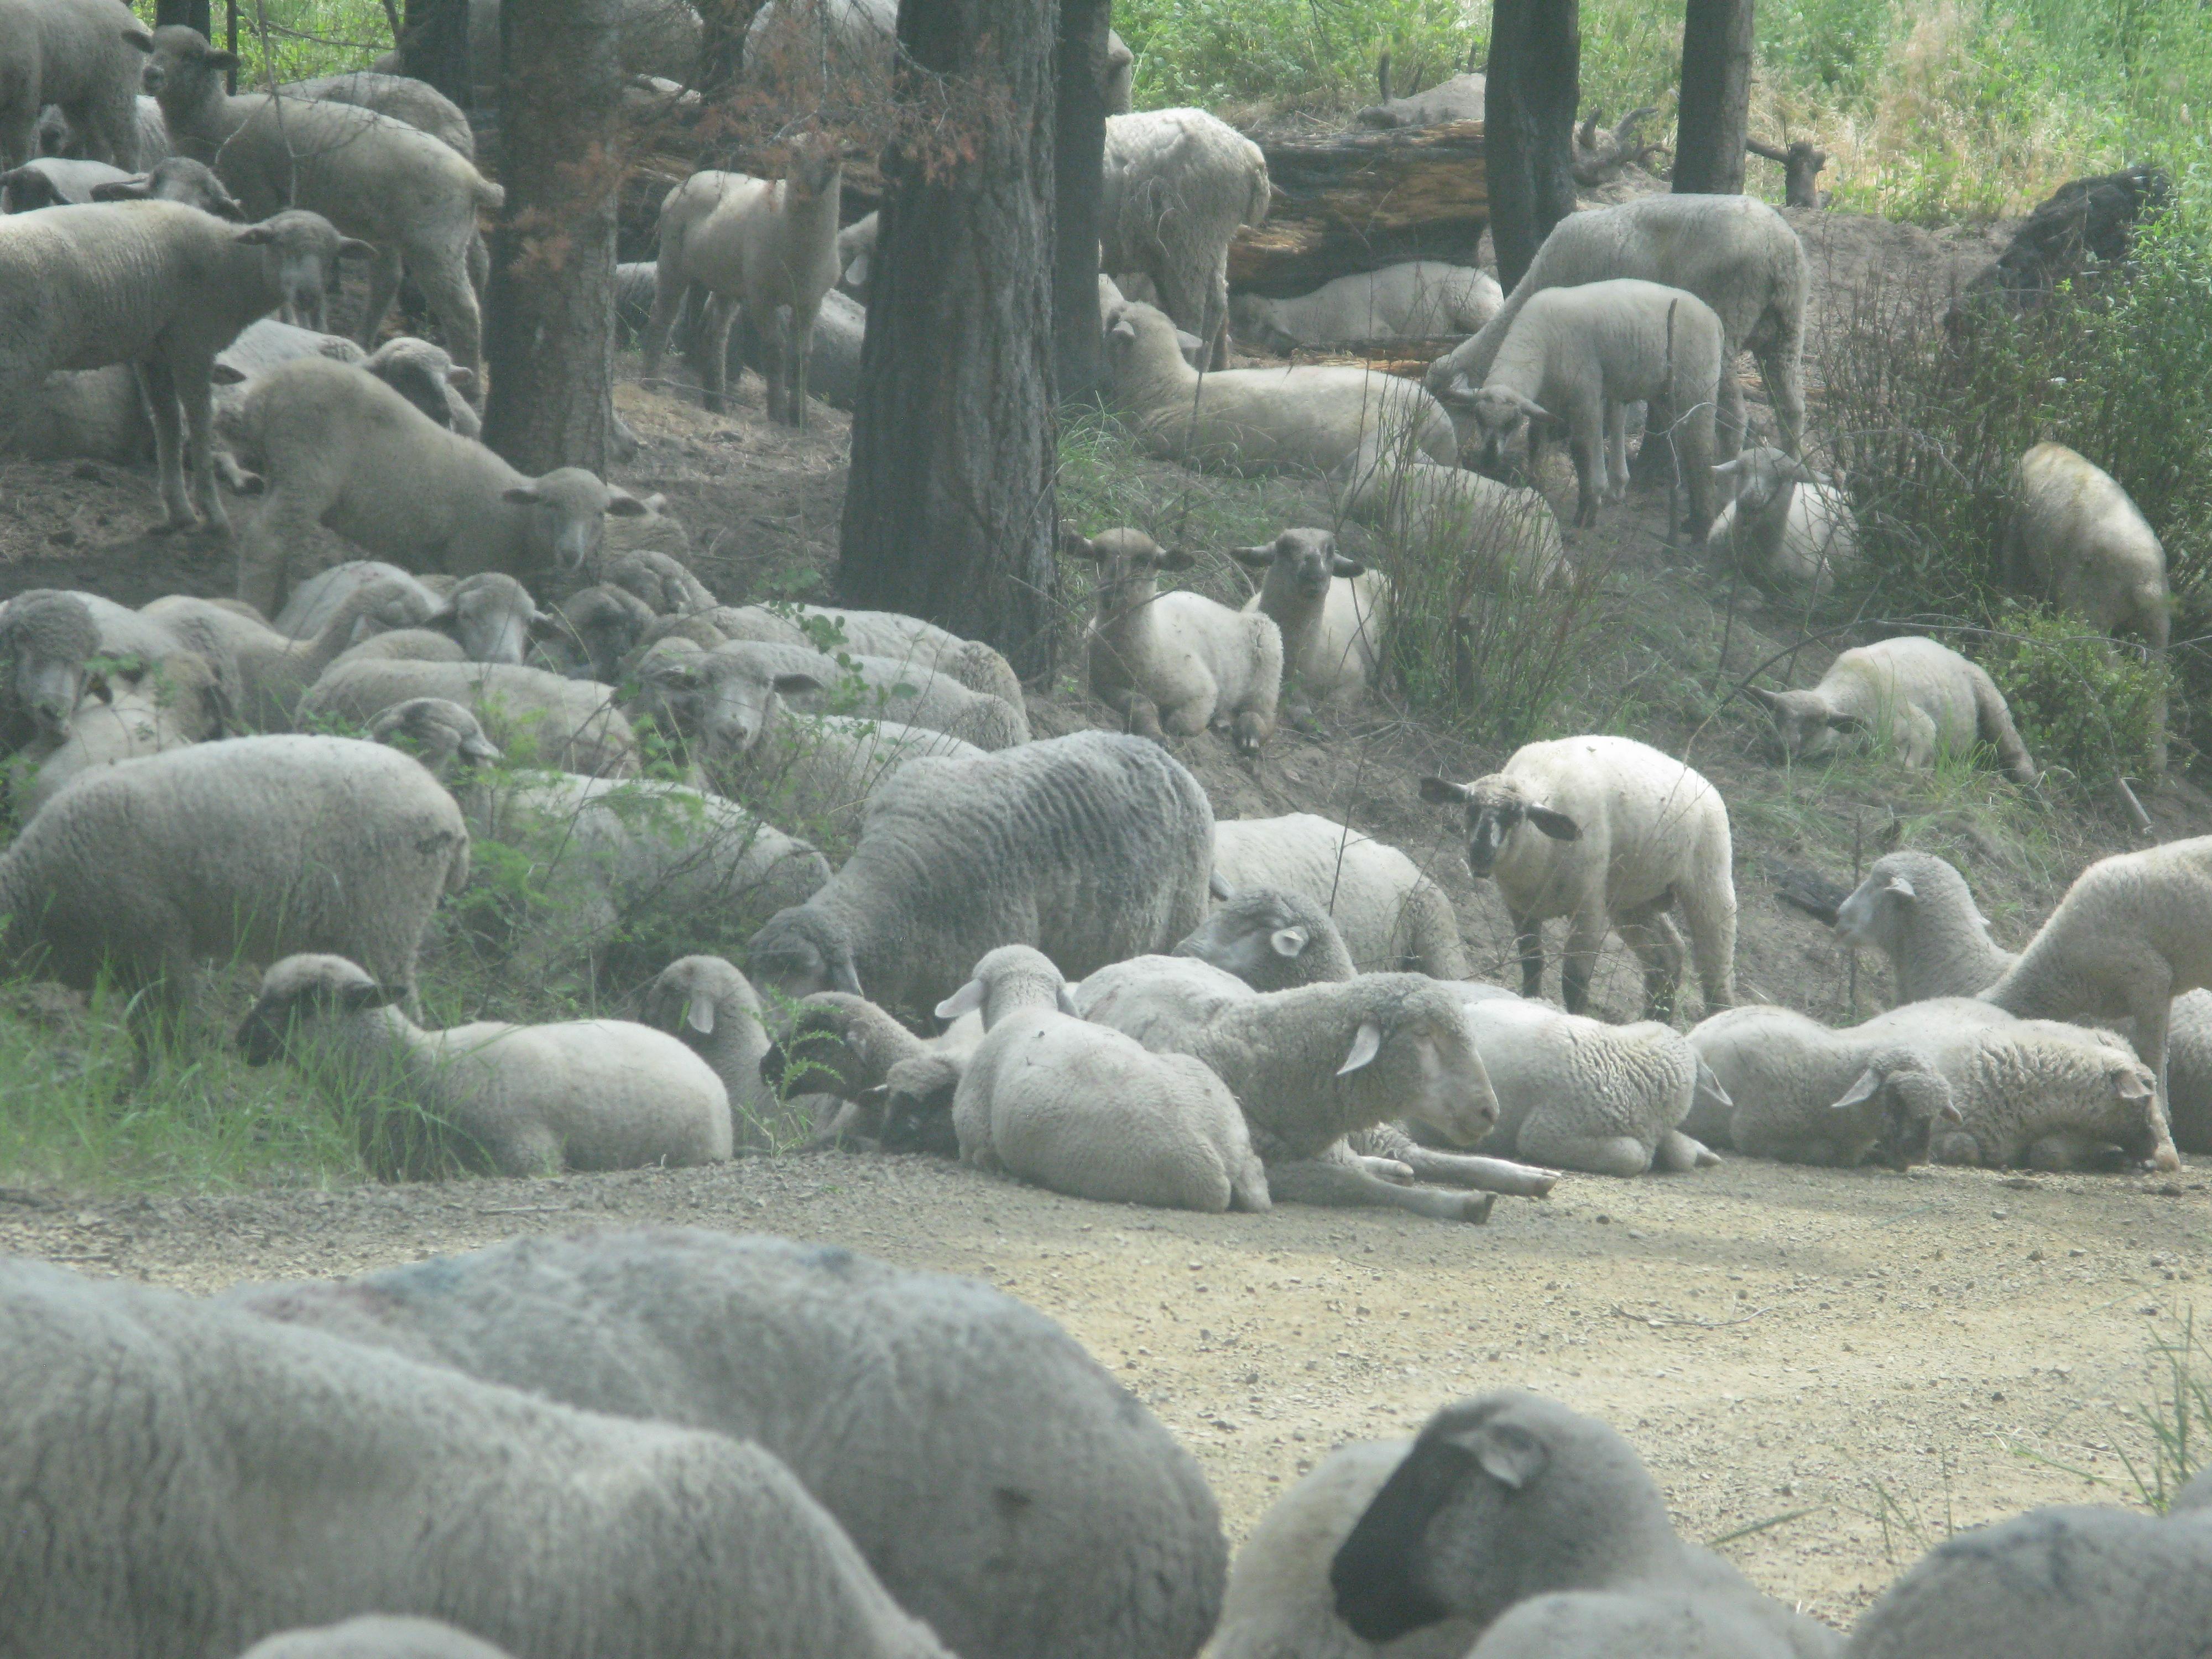 Sheep herd relaxing.